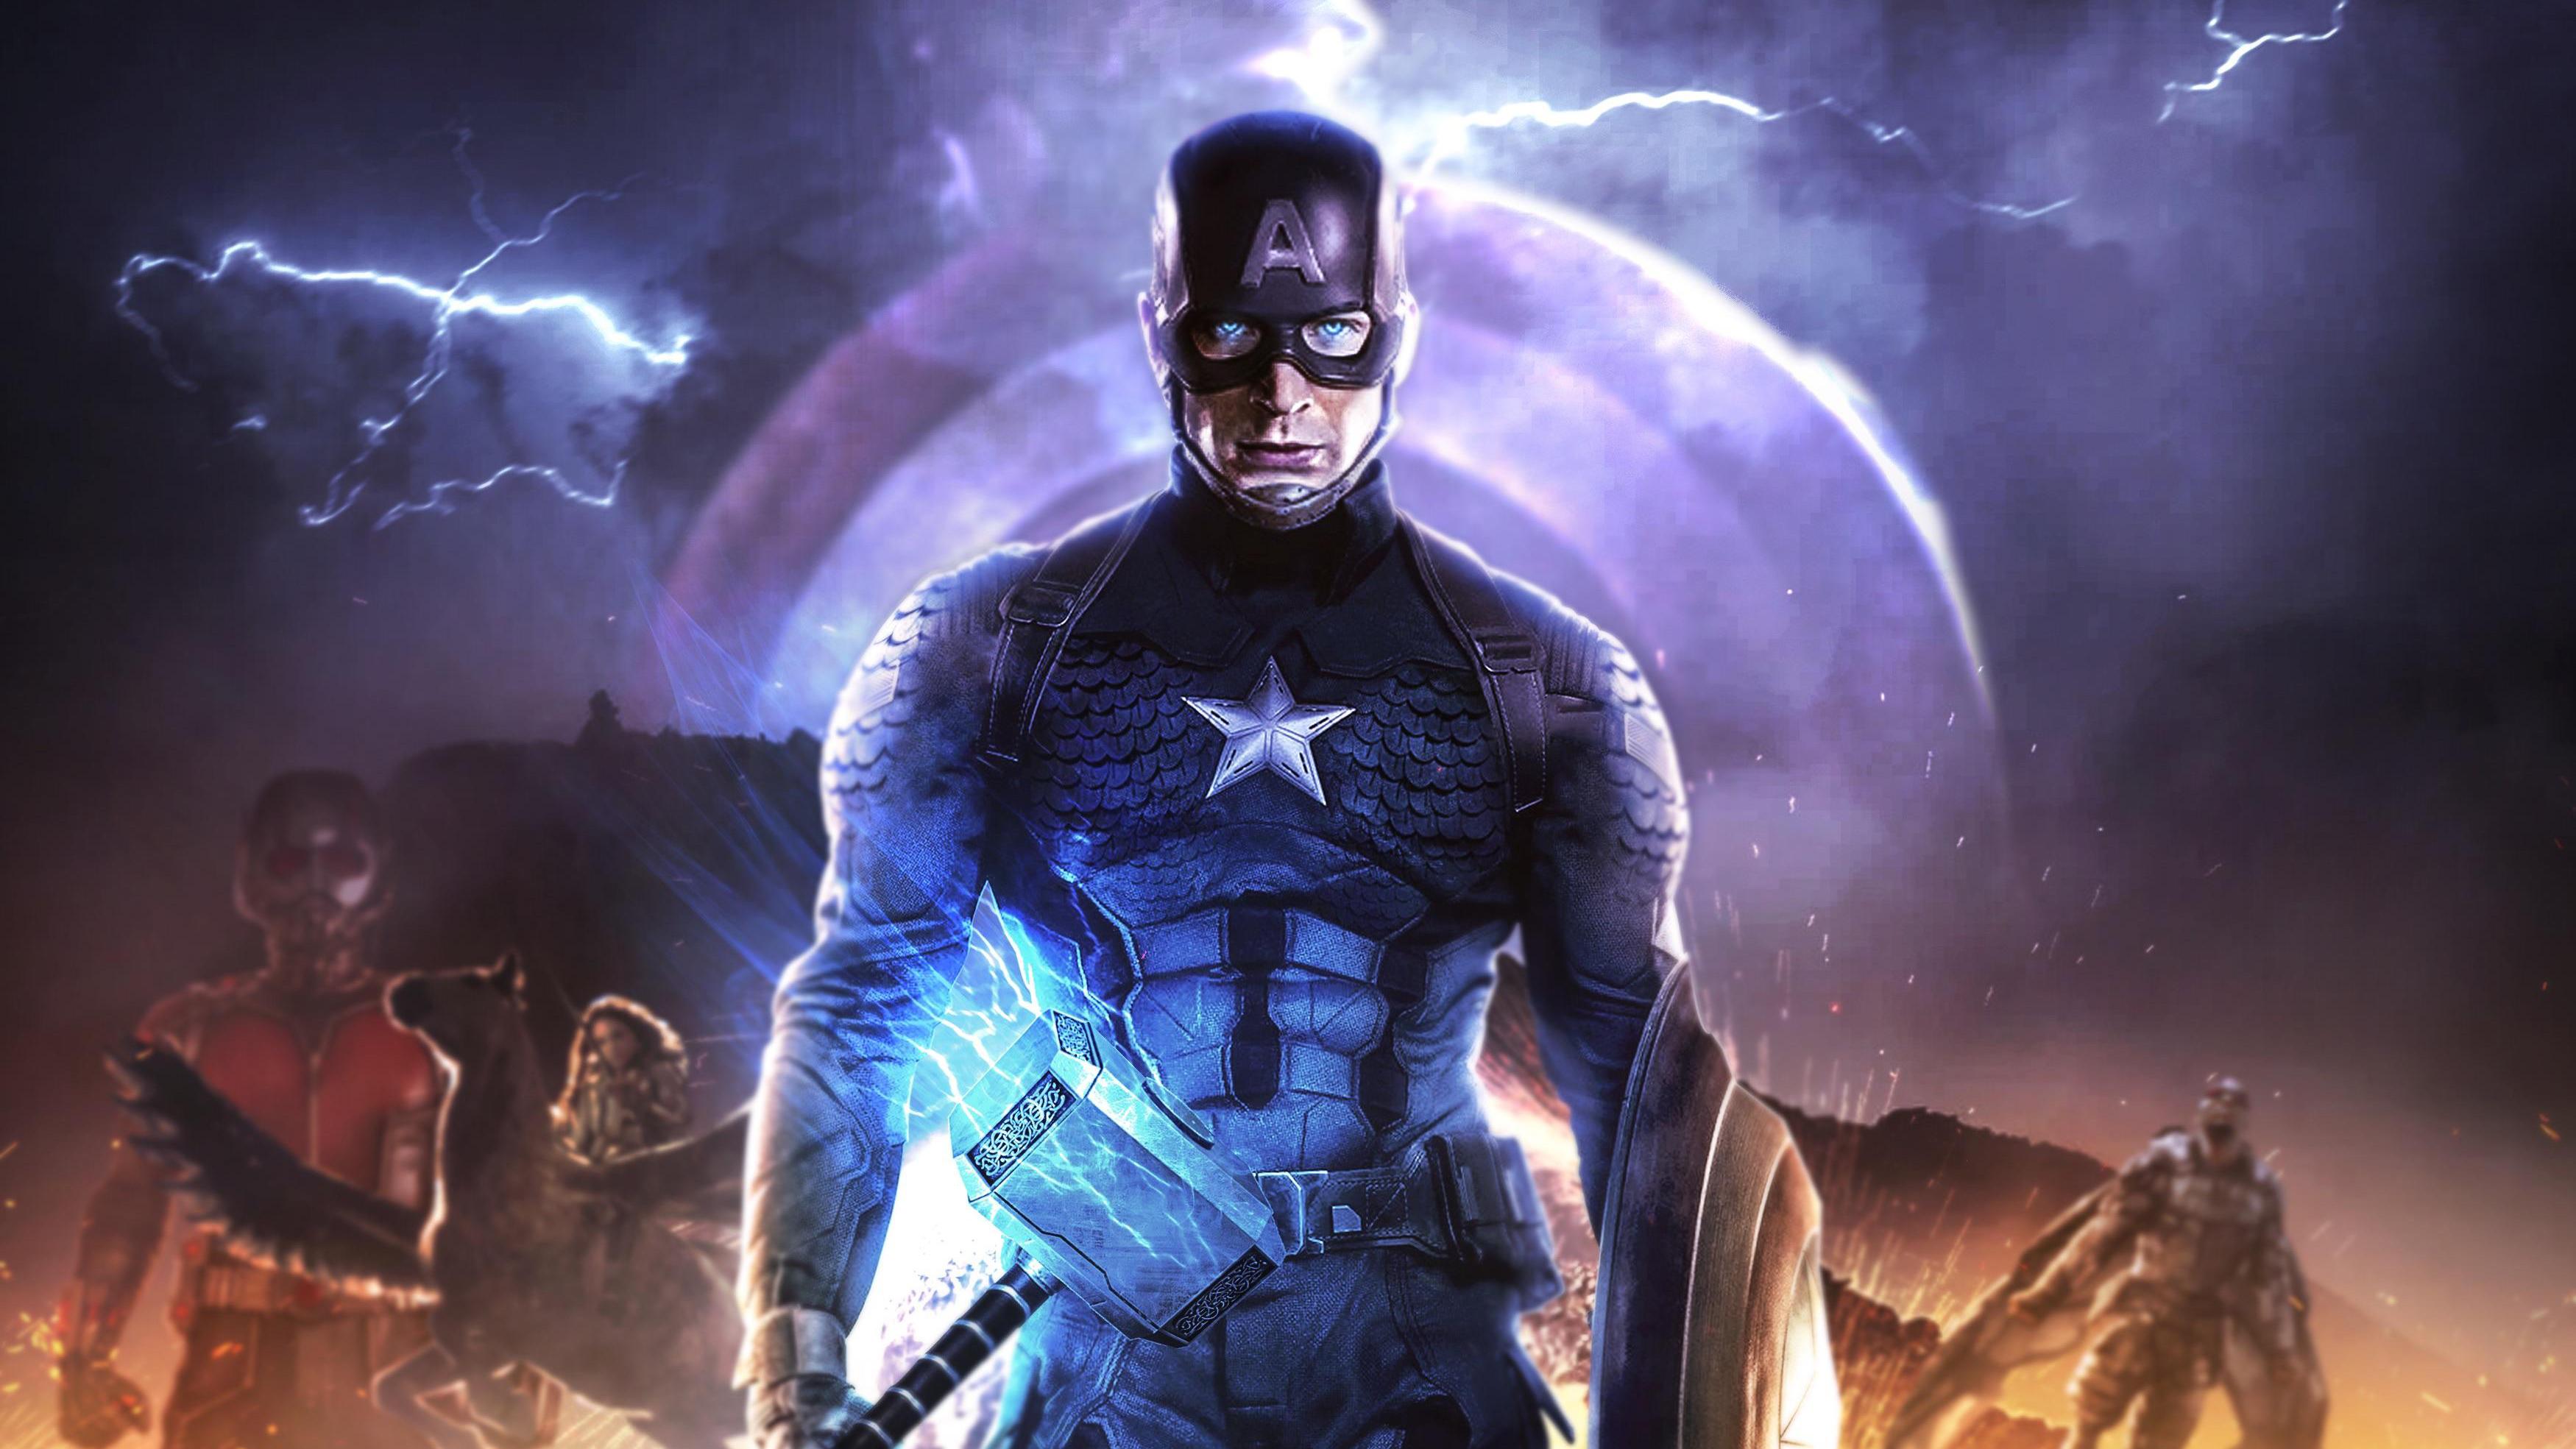 1920x1080 4k Captain America In Avengers Endgame Laptop ...